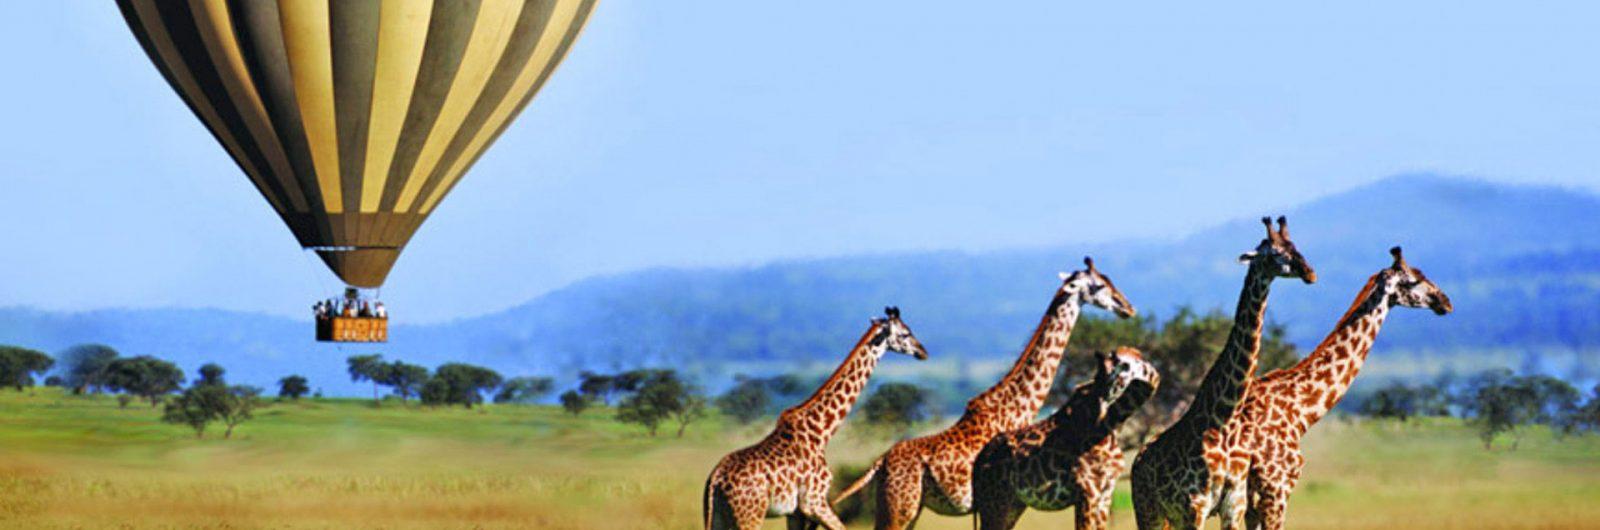 Tanzania Safari & Tour 2019